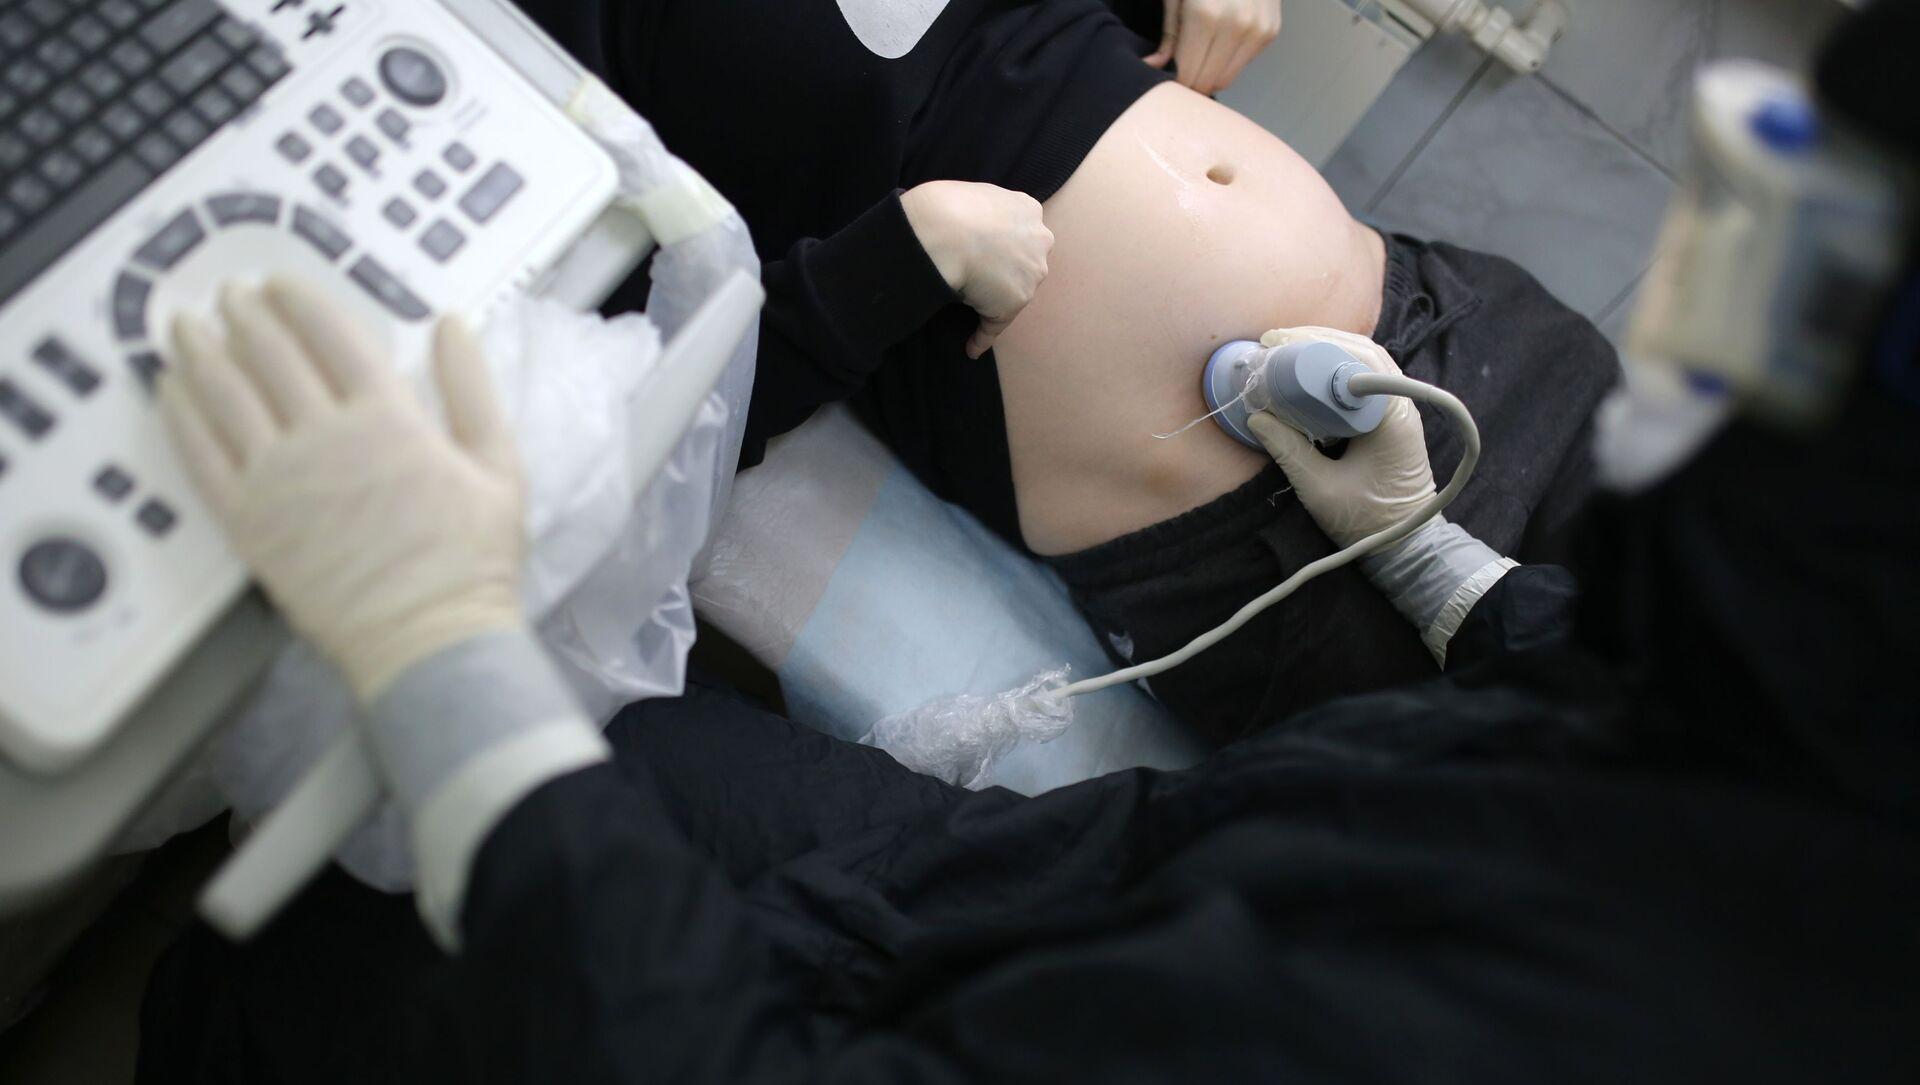 Рождение ребенка в красной зоне городской больницы Волгограда - Sputnik Аҧсны, 1920, 30.08.2021